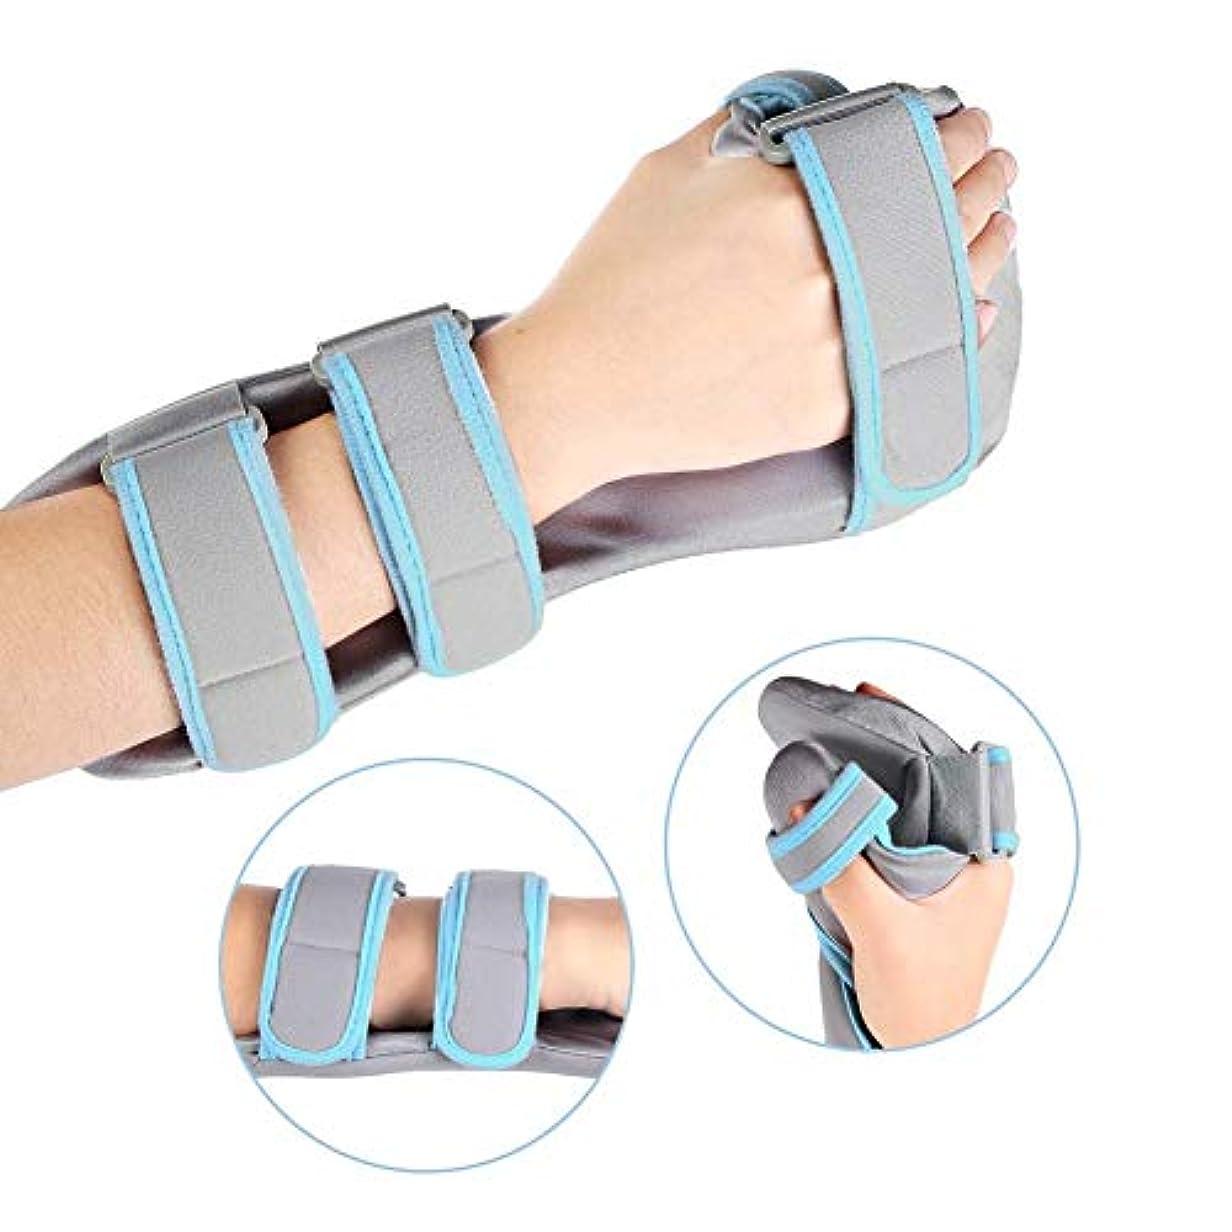 従来の不合格目を覚ます手首のサポート、手根管、骨折、捻rain、関節痛の軽減のための調節可能な通気性の手のサポート,Right,S